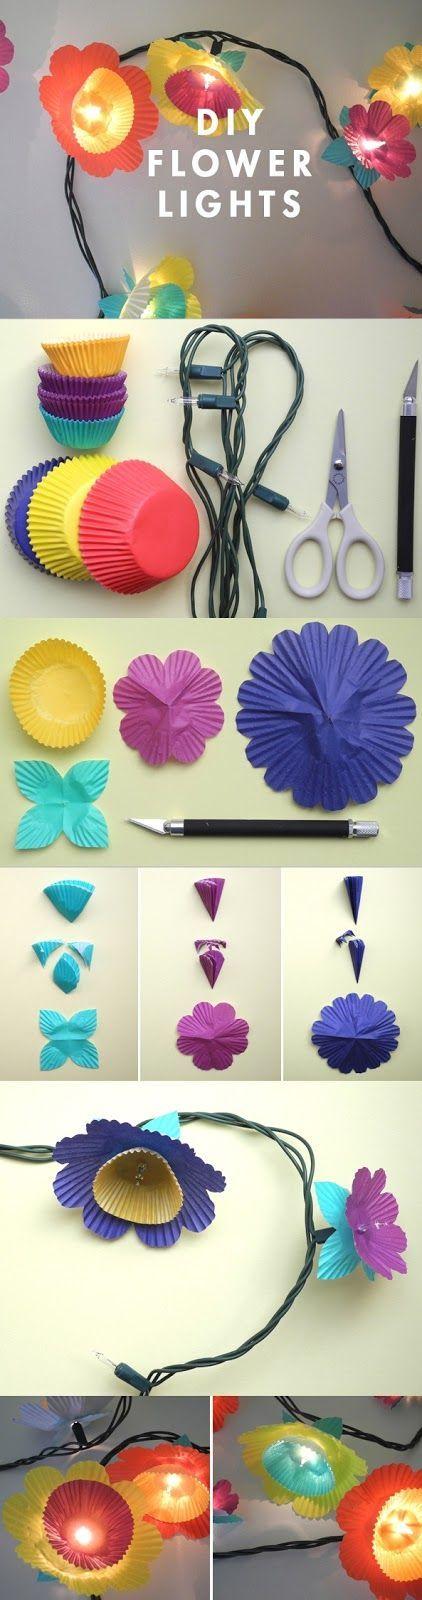 DIY cupcake liner flower lights